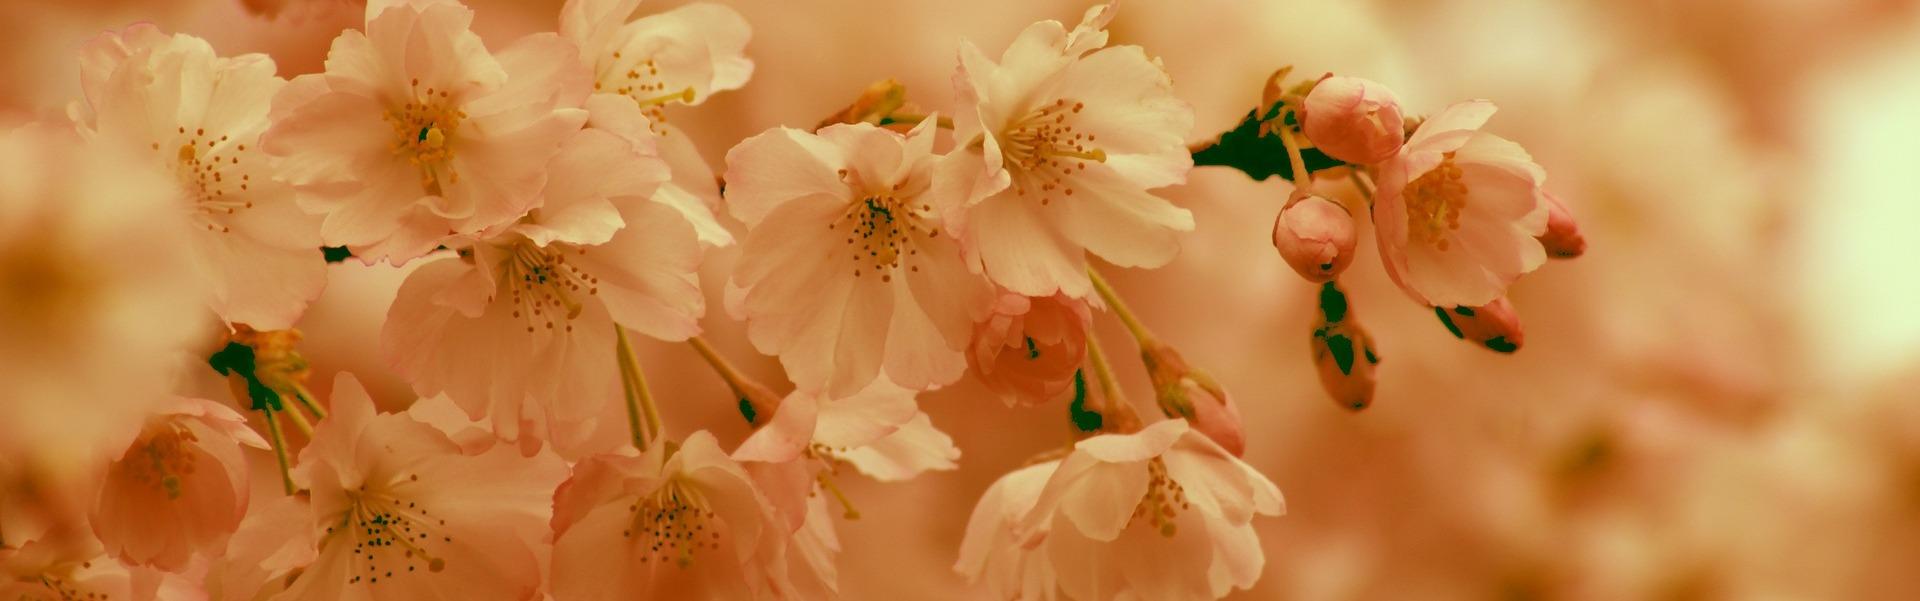 cherry-blossom-4085371_1920